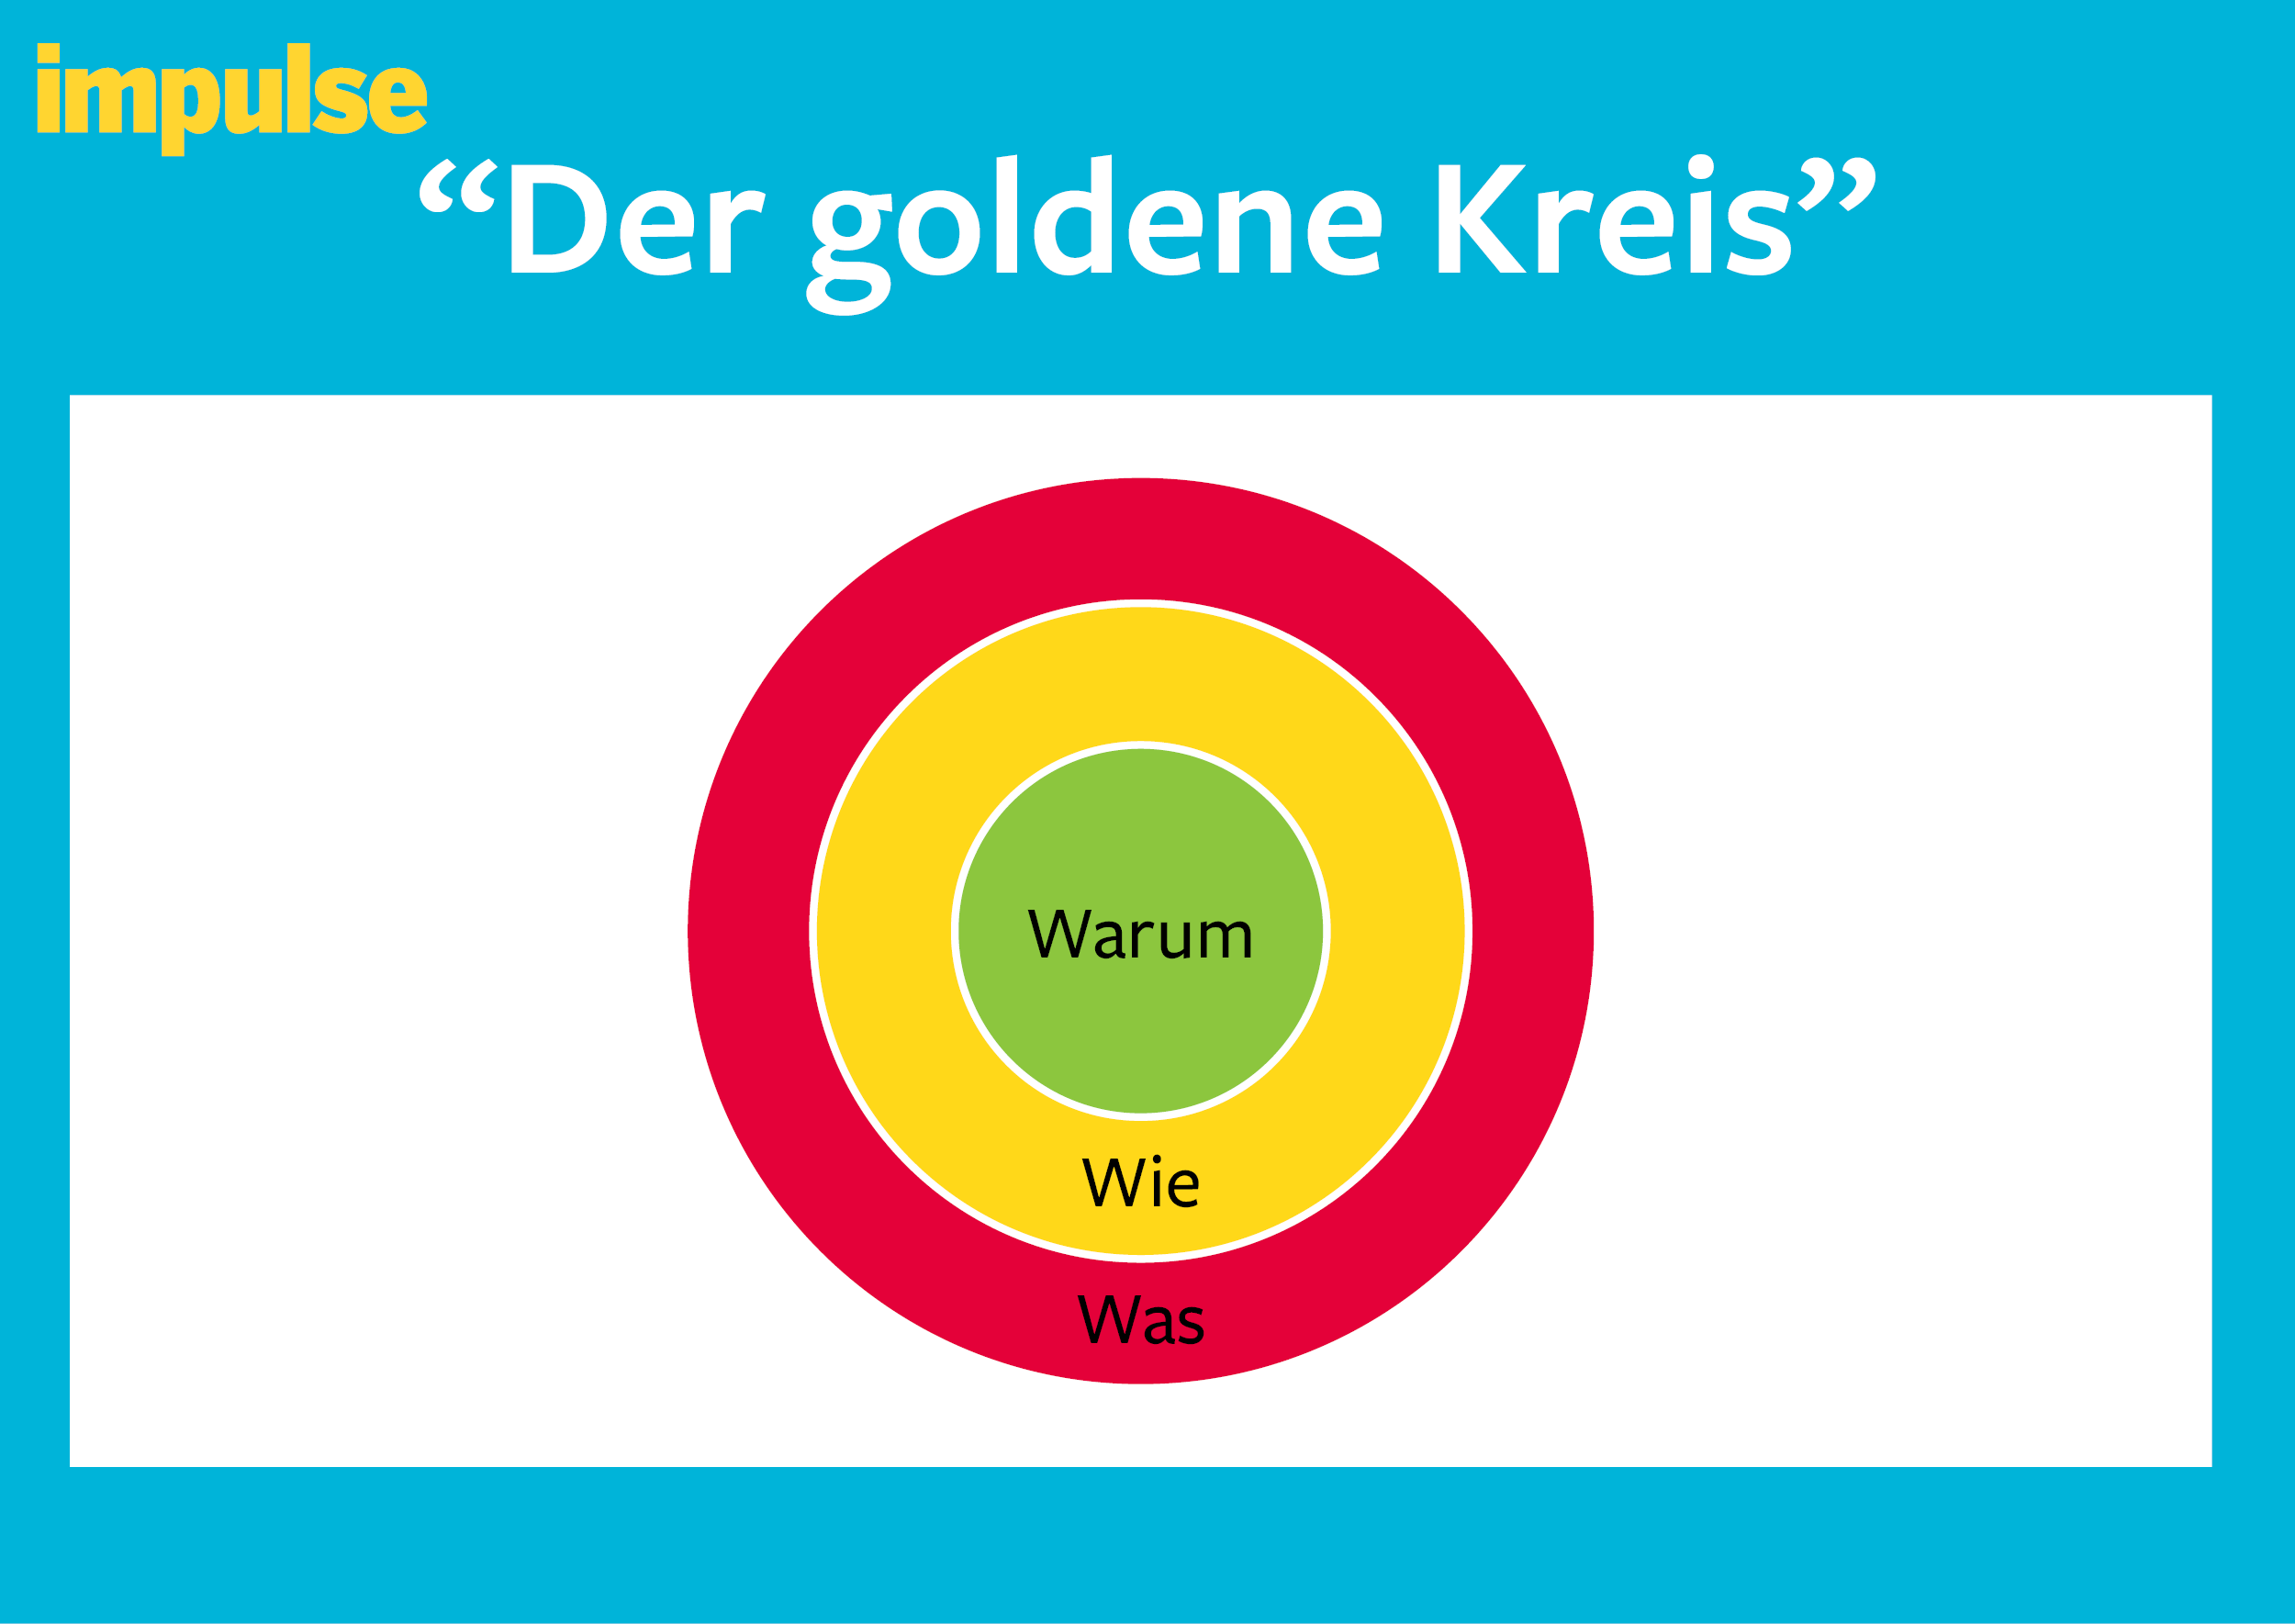 Der goldene Kreis